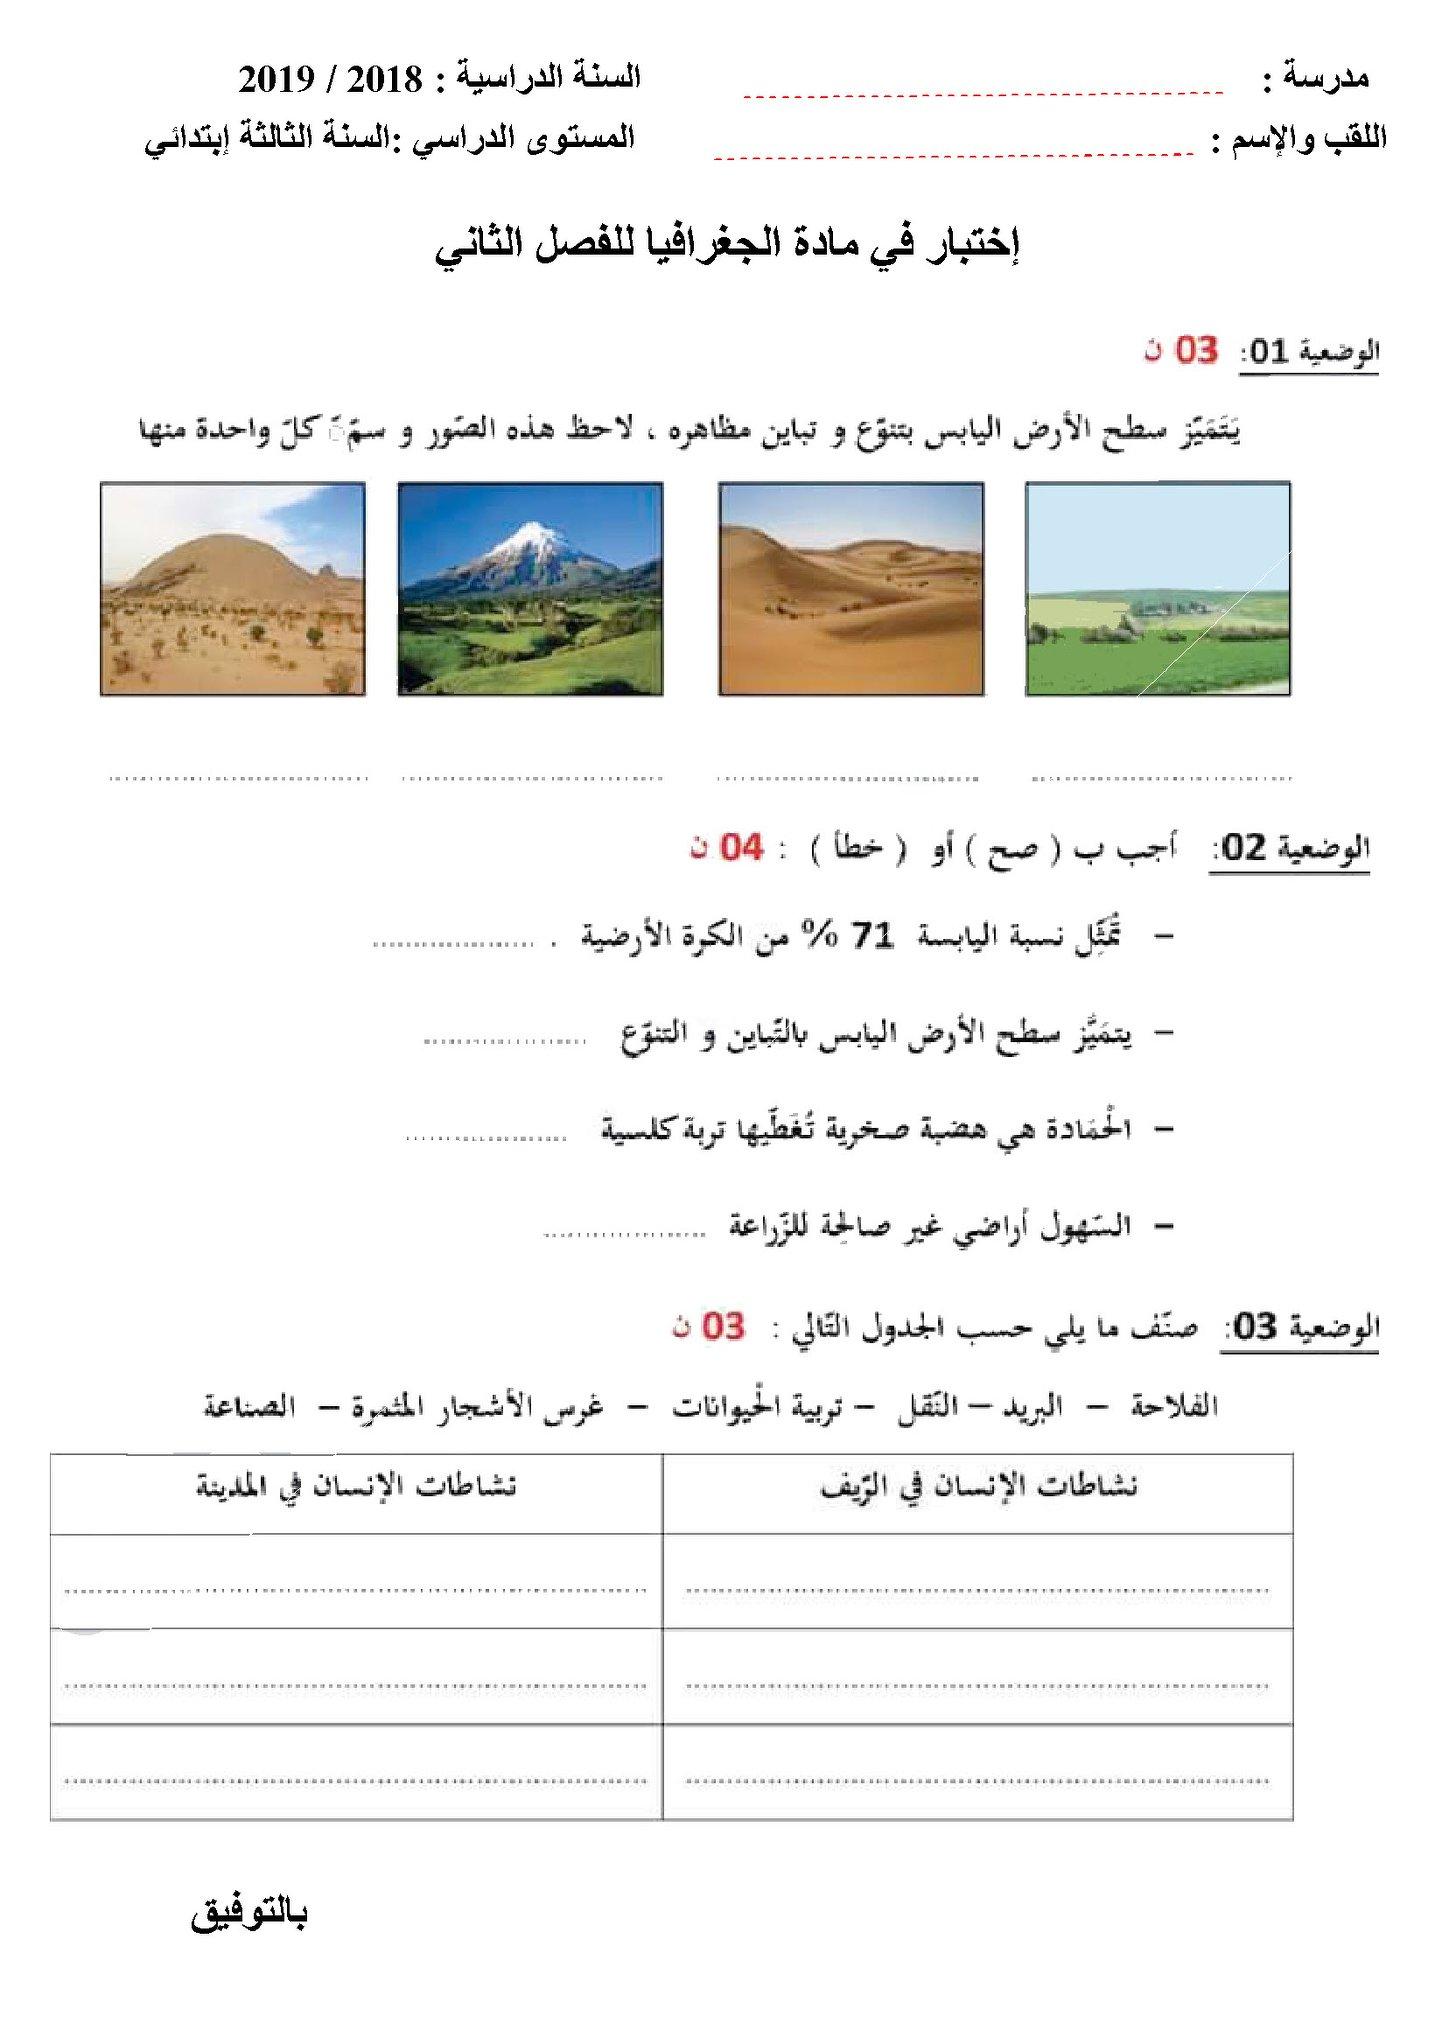 اختبار الفصل الثاني في مادة الجغرافيا | السنة الثالثة ابتدائي | الموضوع 02